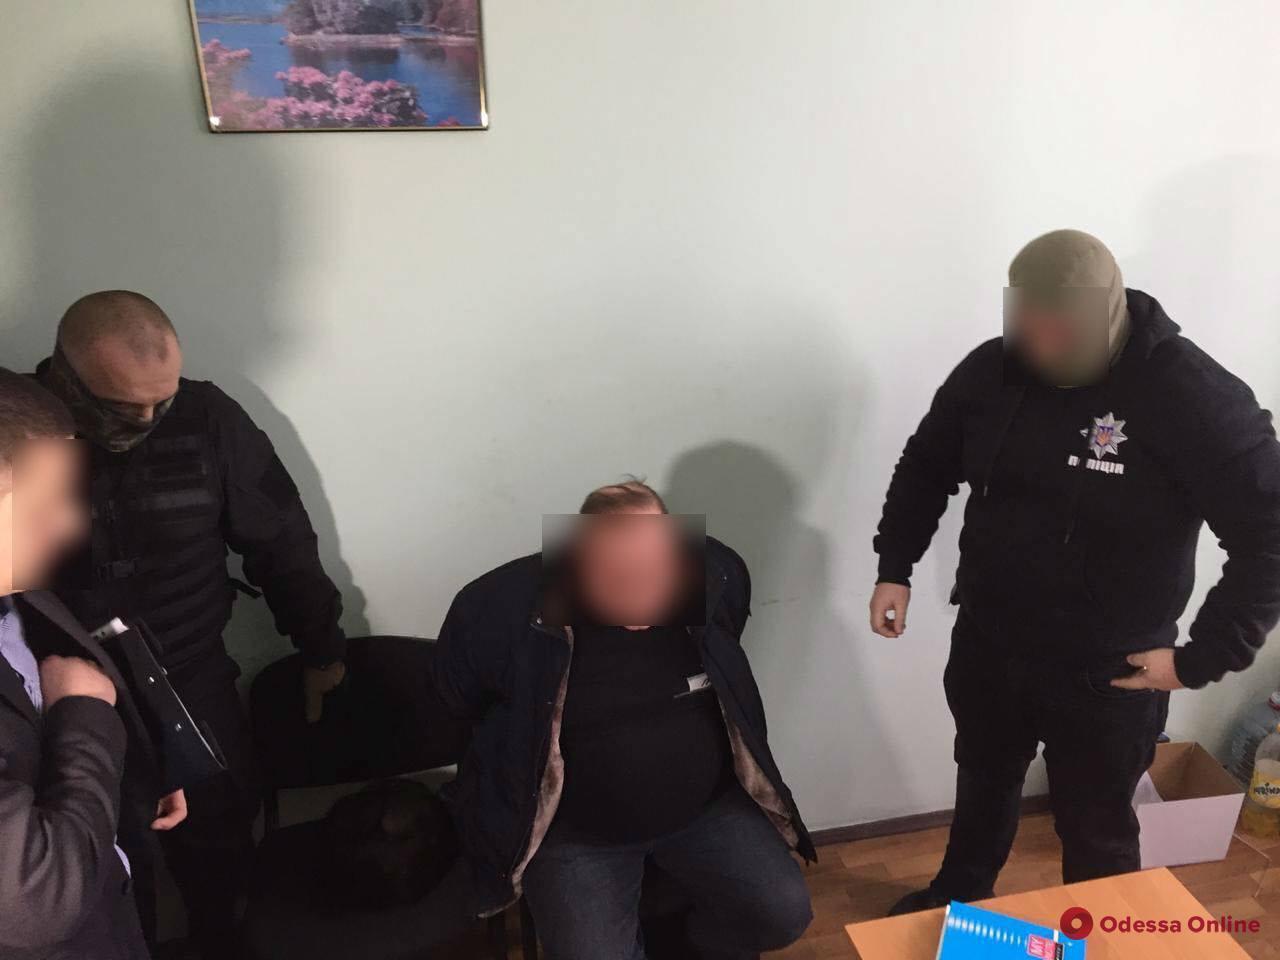 В Одесской области чиновник РГА пытался подкупить следователя полиции (видео, обновлено)